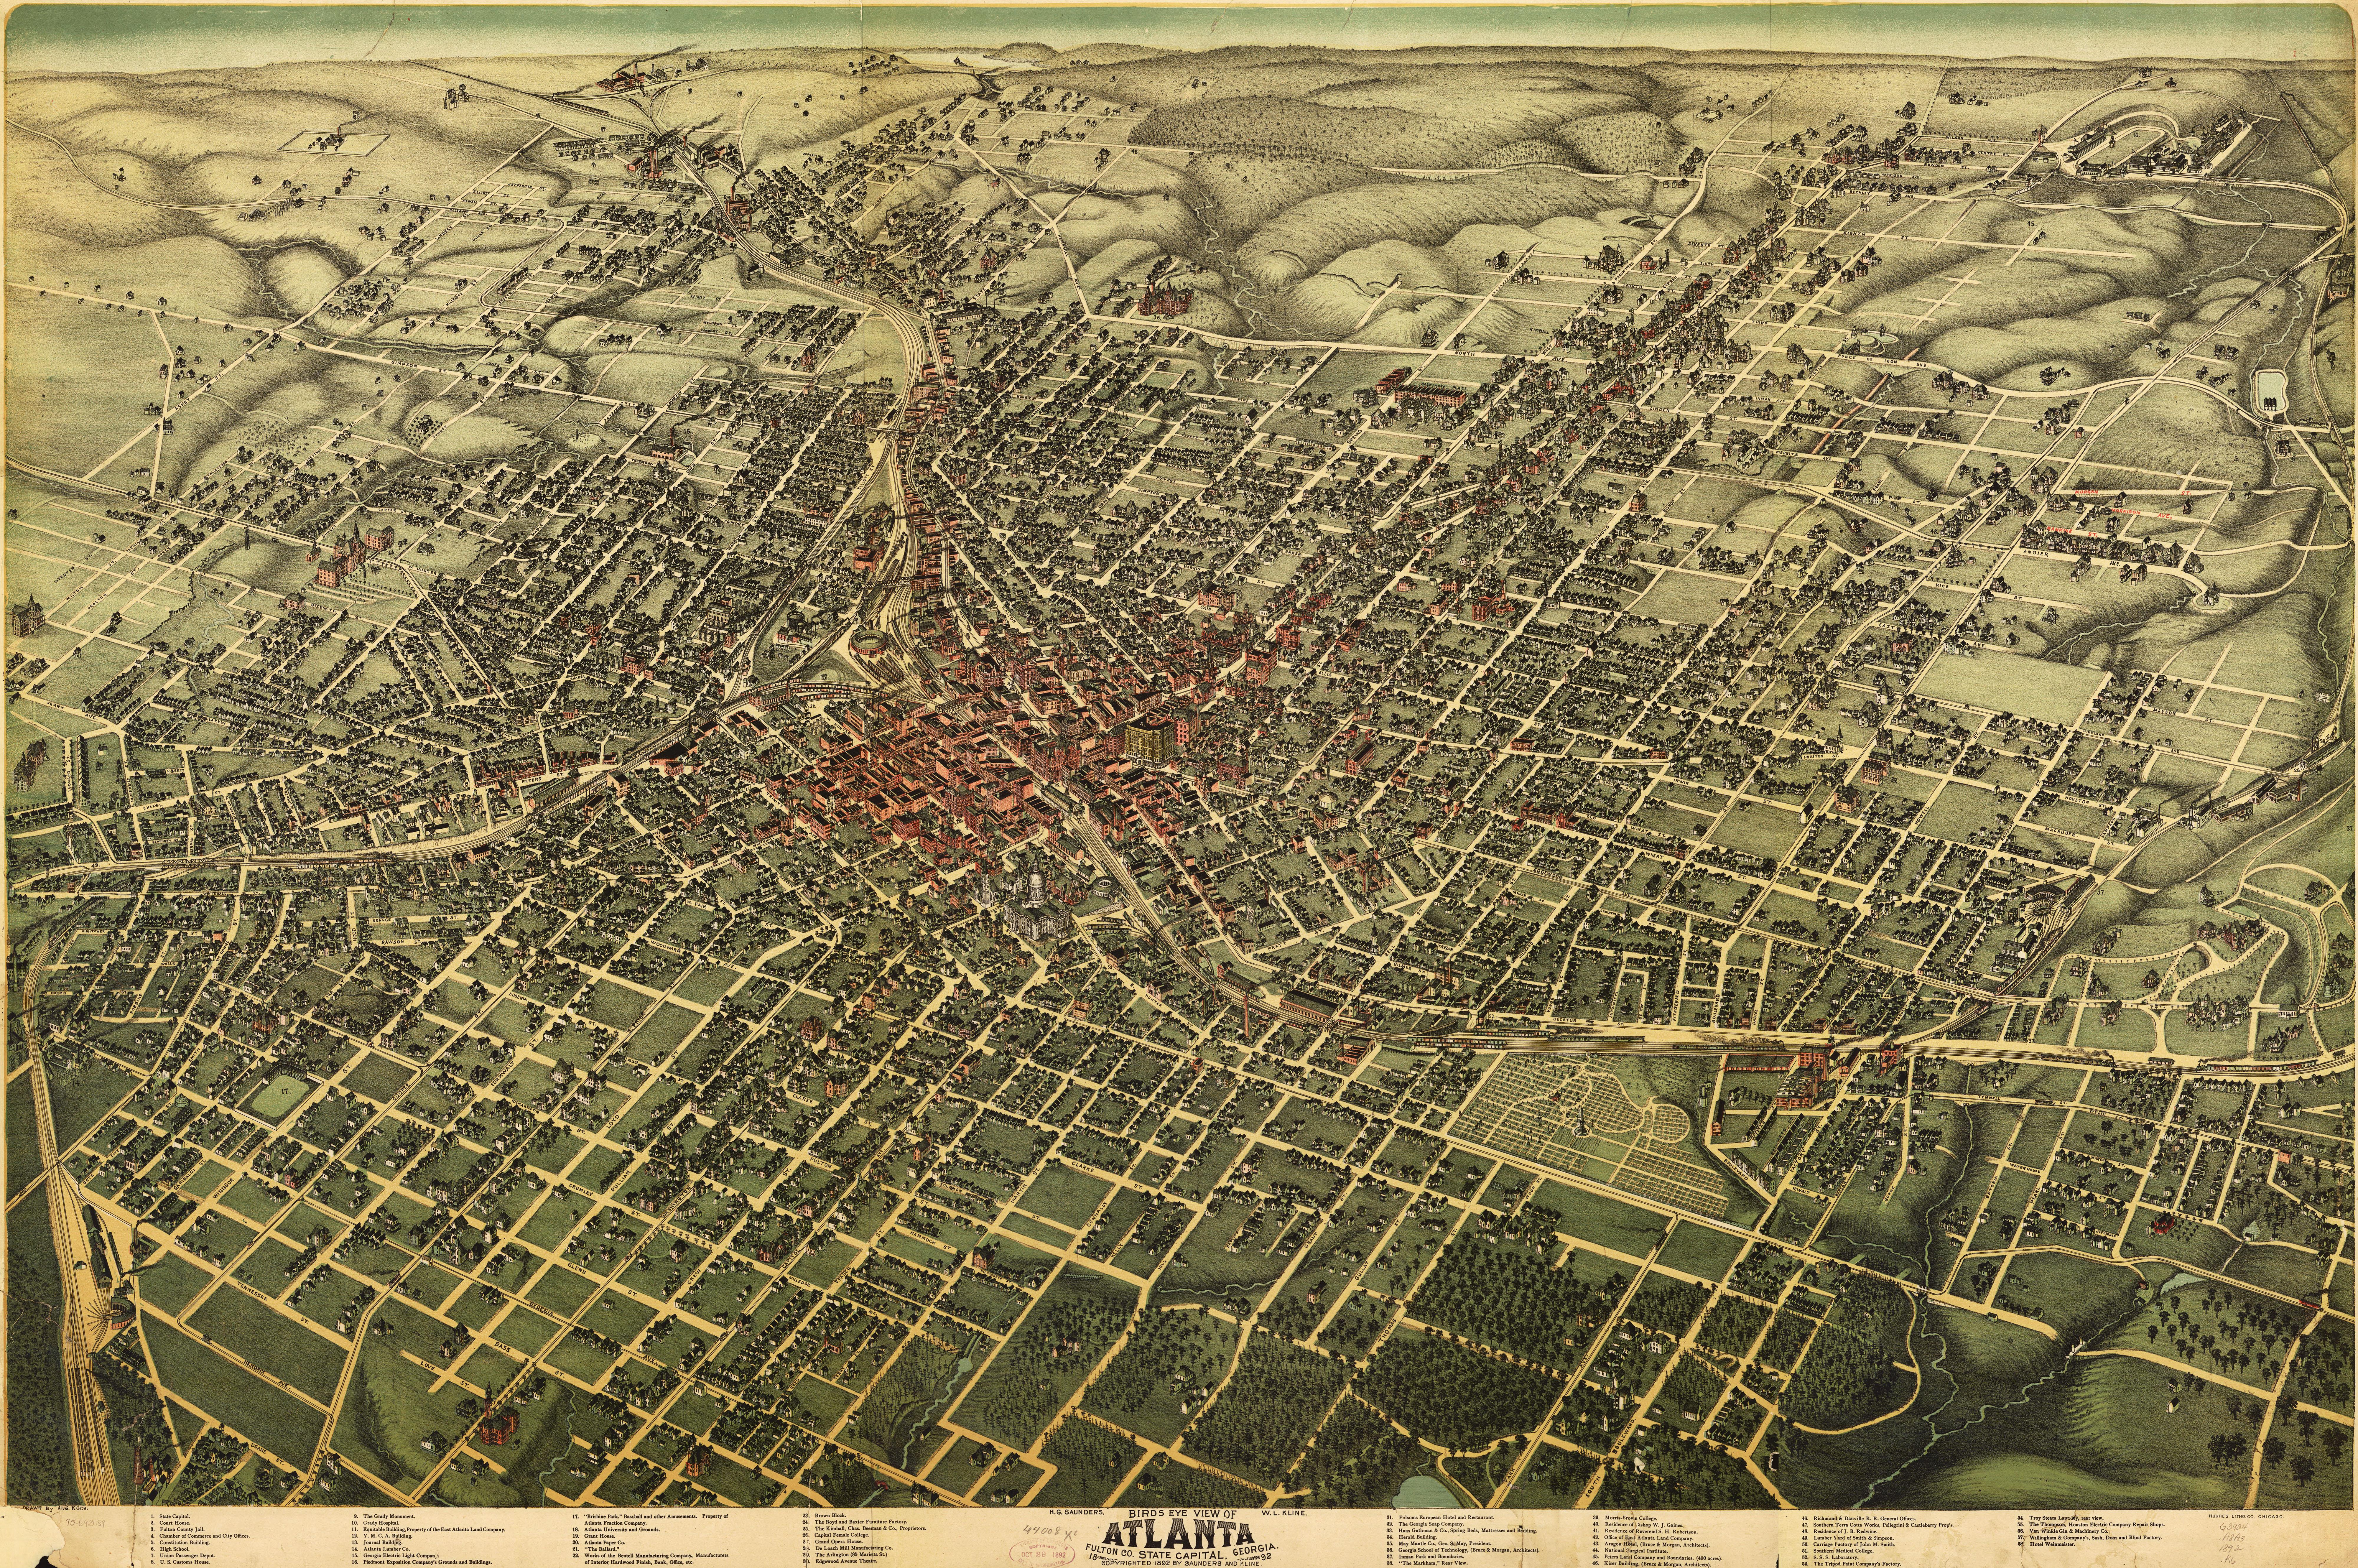 FileAtlanta Koch map 1892jpg Wikimedia Commons